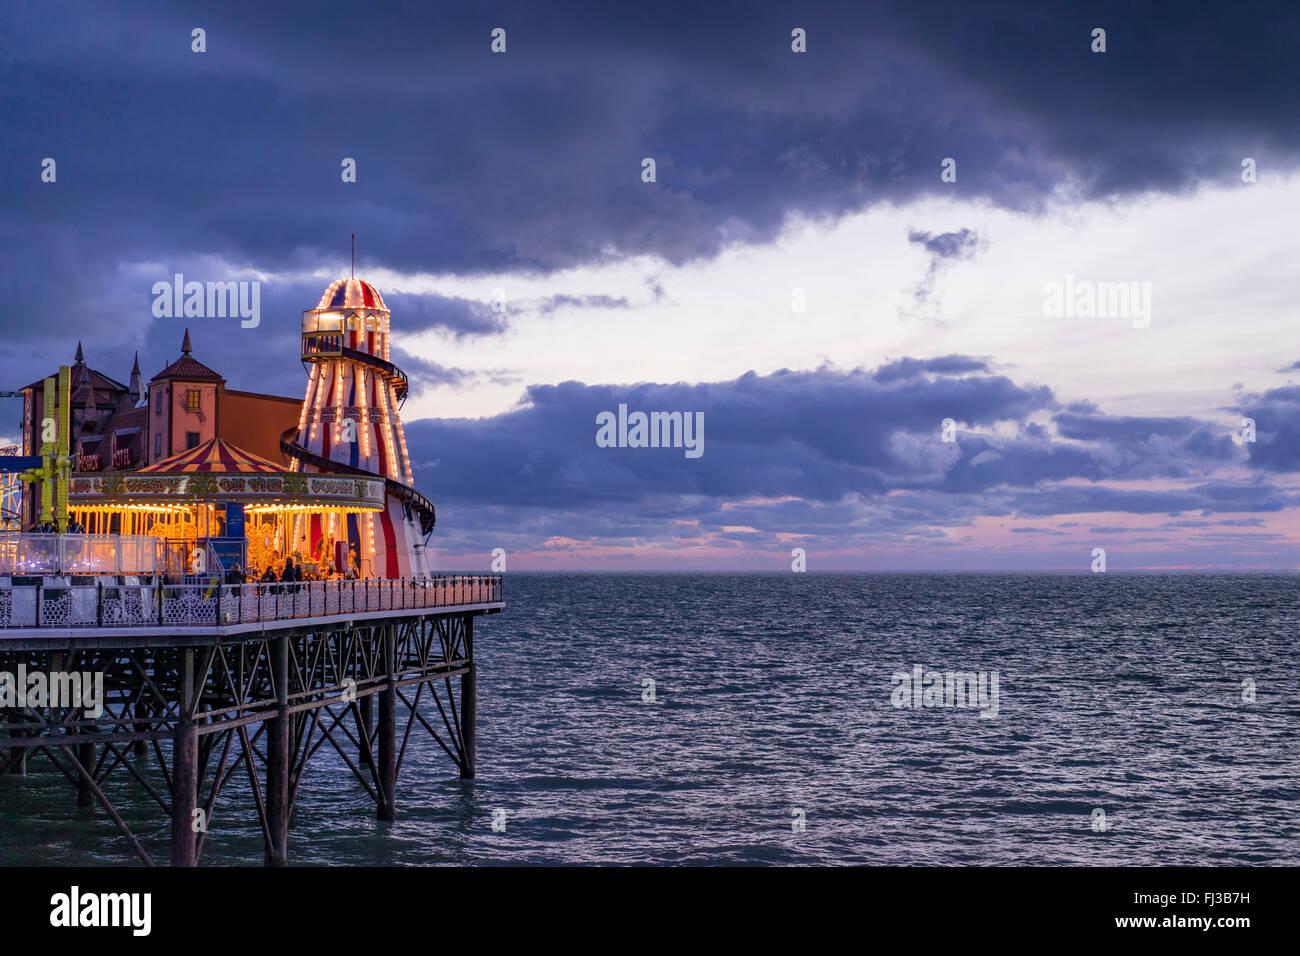 Ein Blick vom Ufer des Meeres und die Vergnügungen am Ende des Brightons Palace Pier genommen in der Abenddämmerung Stockfoto